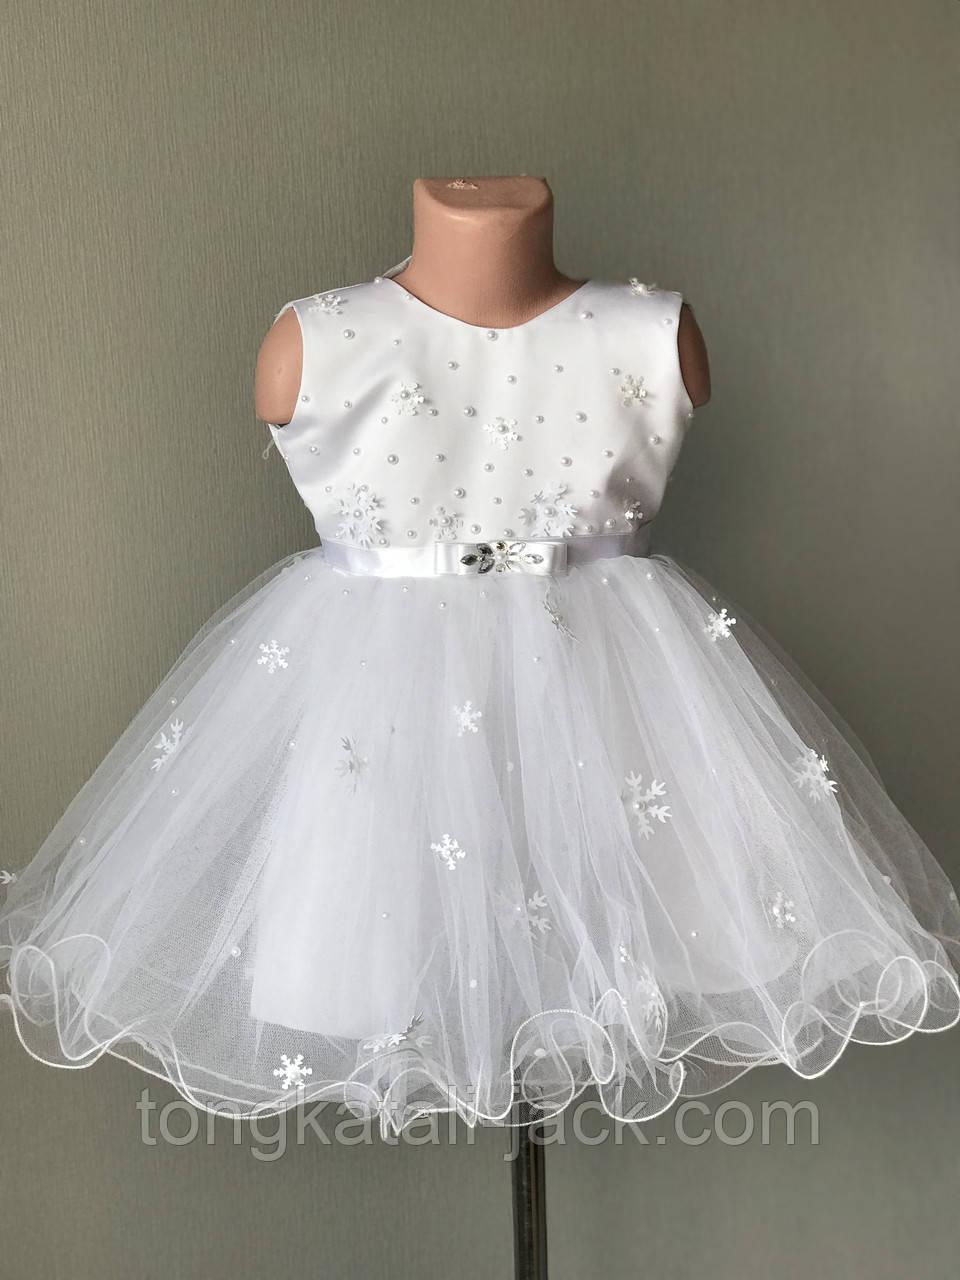 Платье снежинки размер 92-104 см, прокат карнавальной одежды